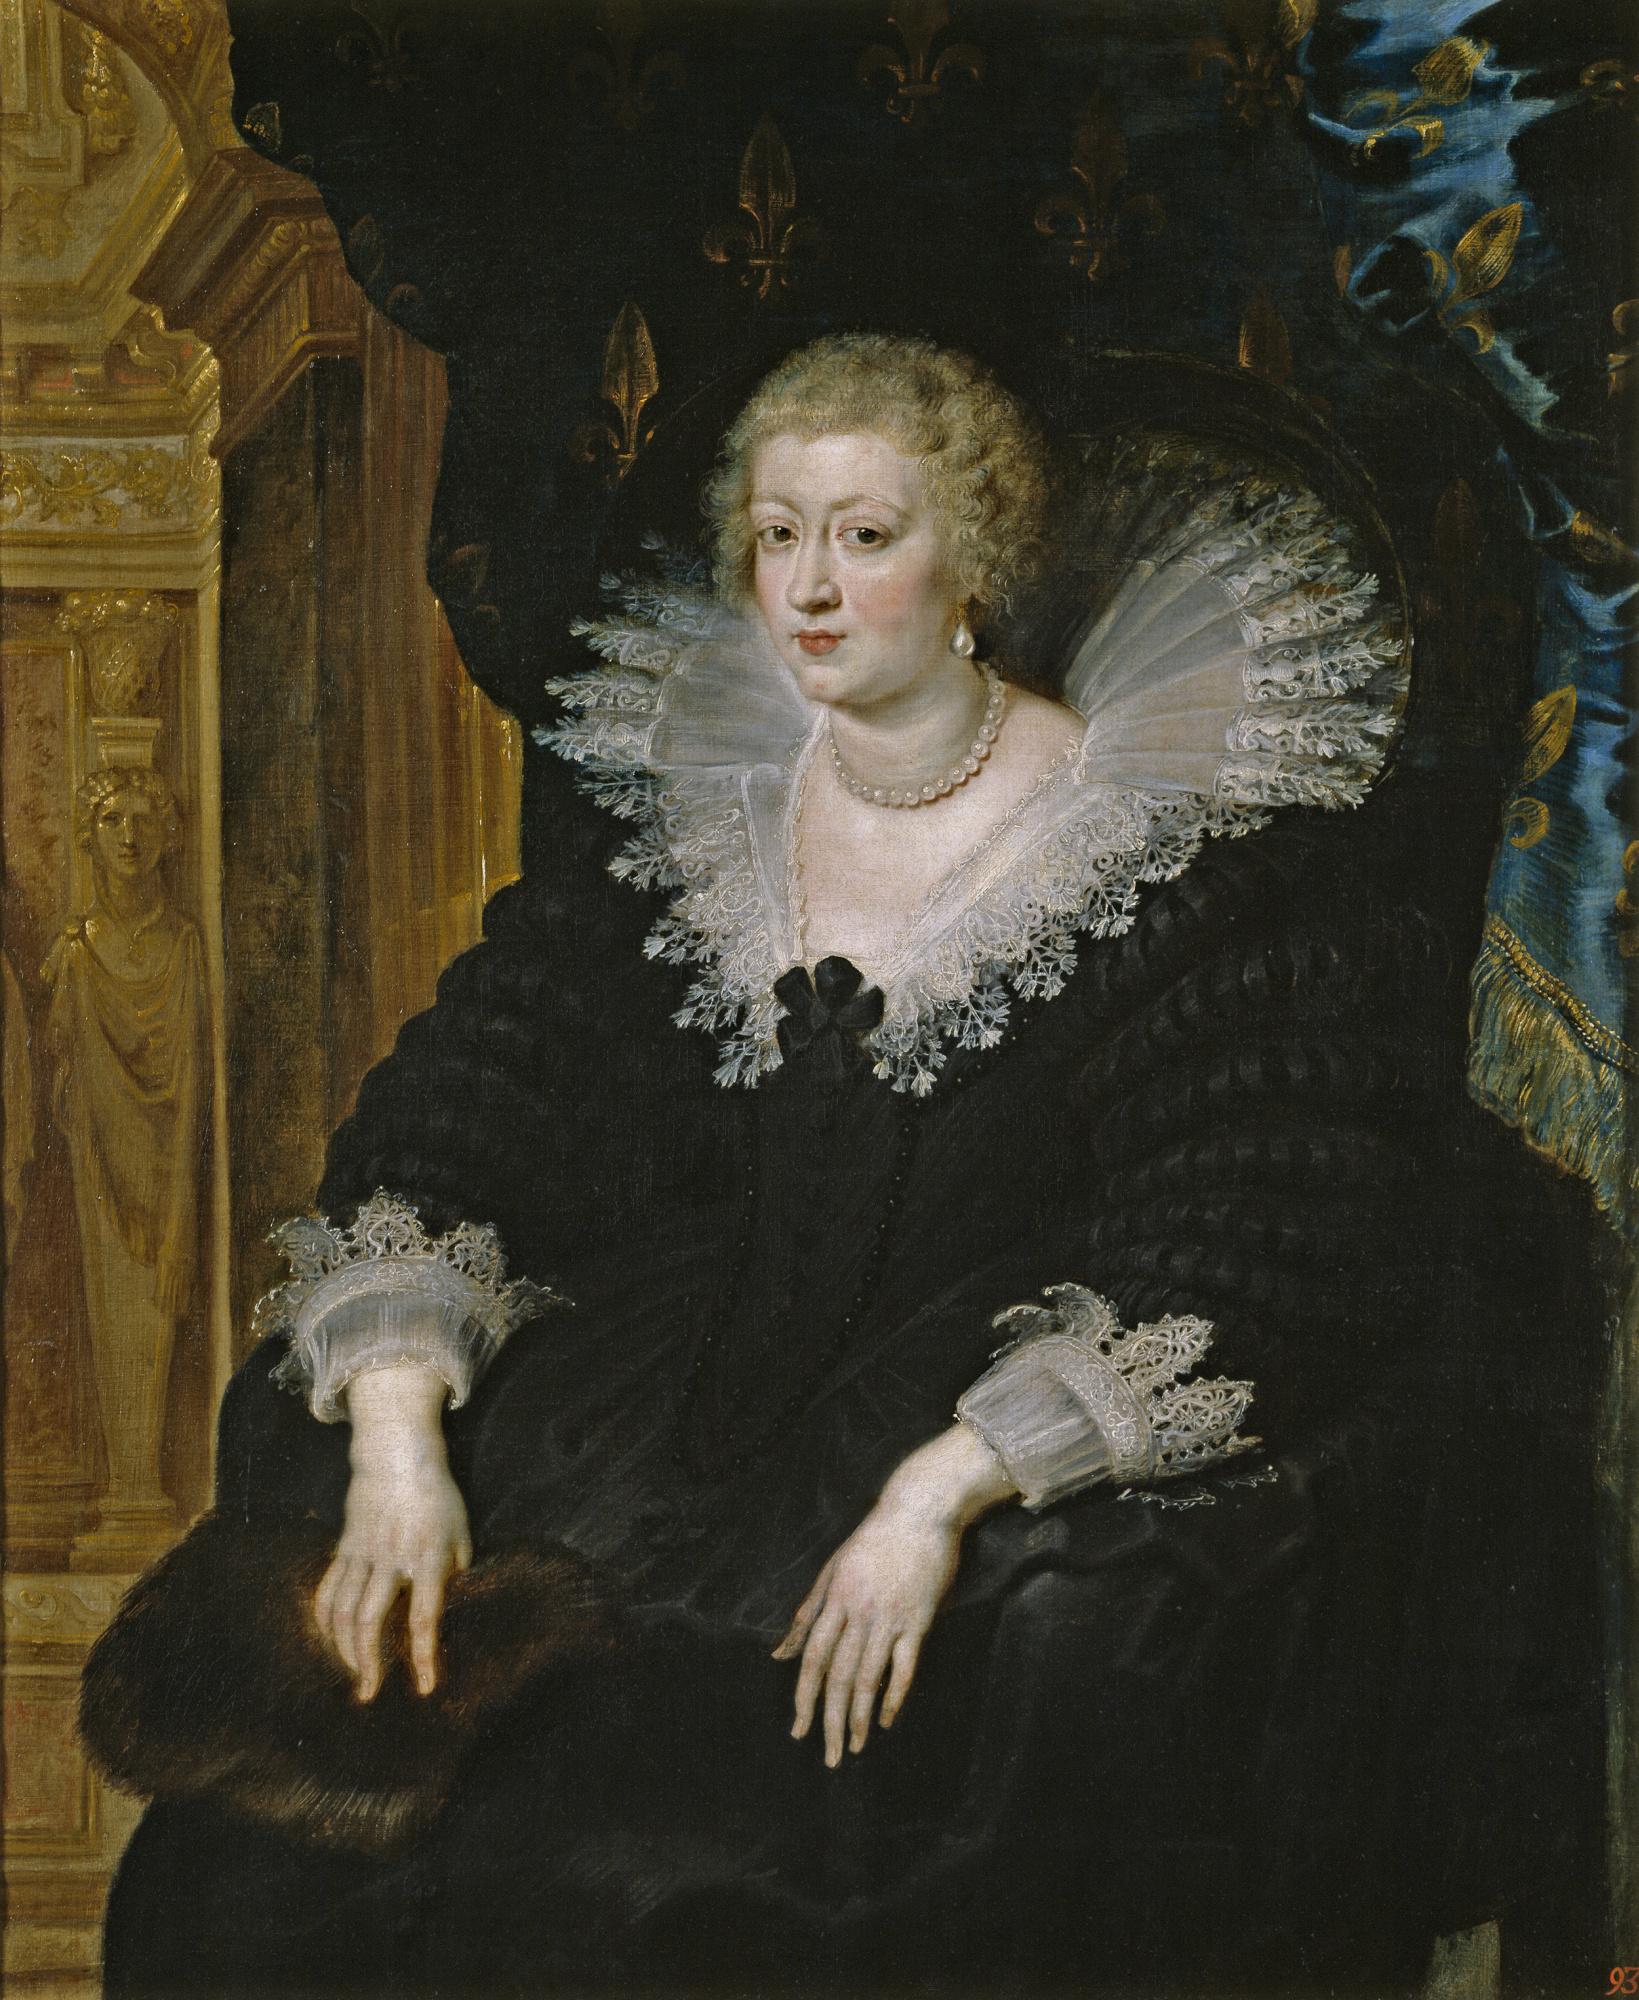 Питер Пауль Рубенс. Портрет Анны Австрийской, королевы Франции